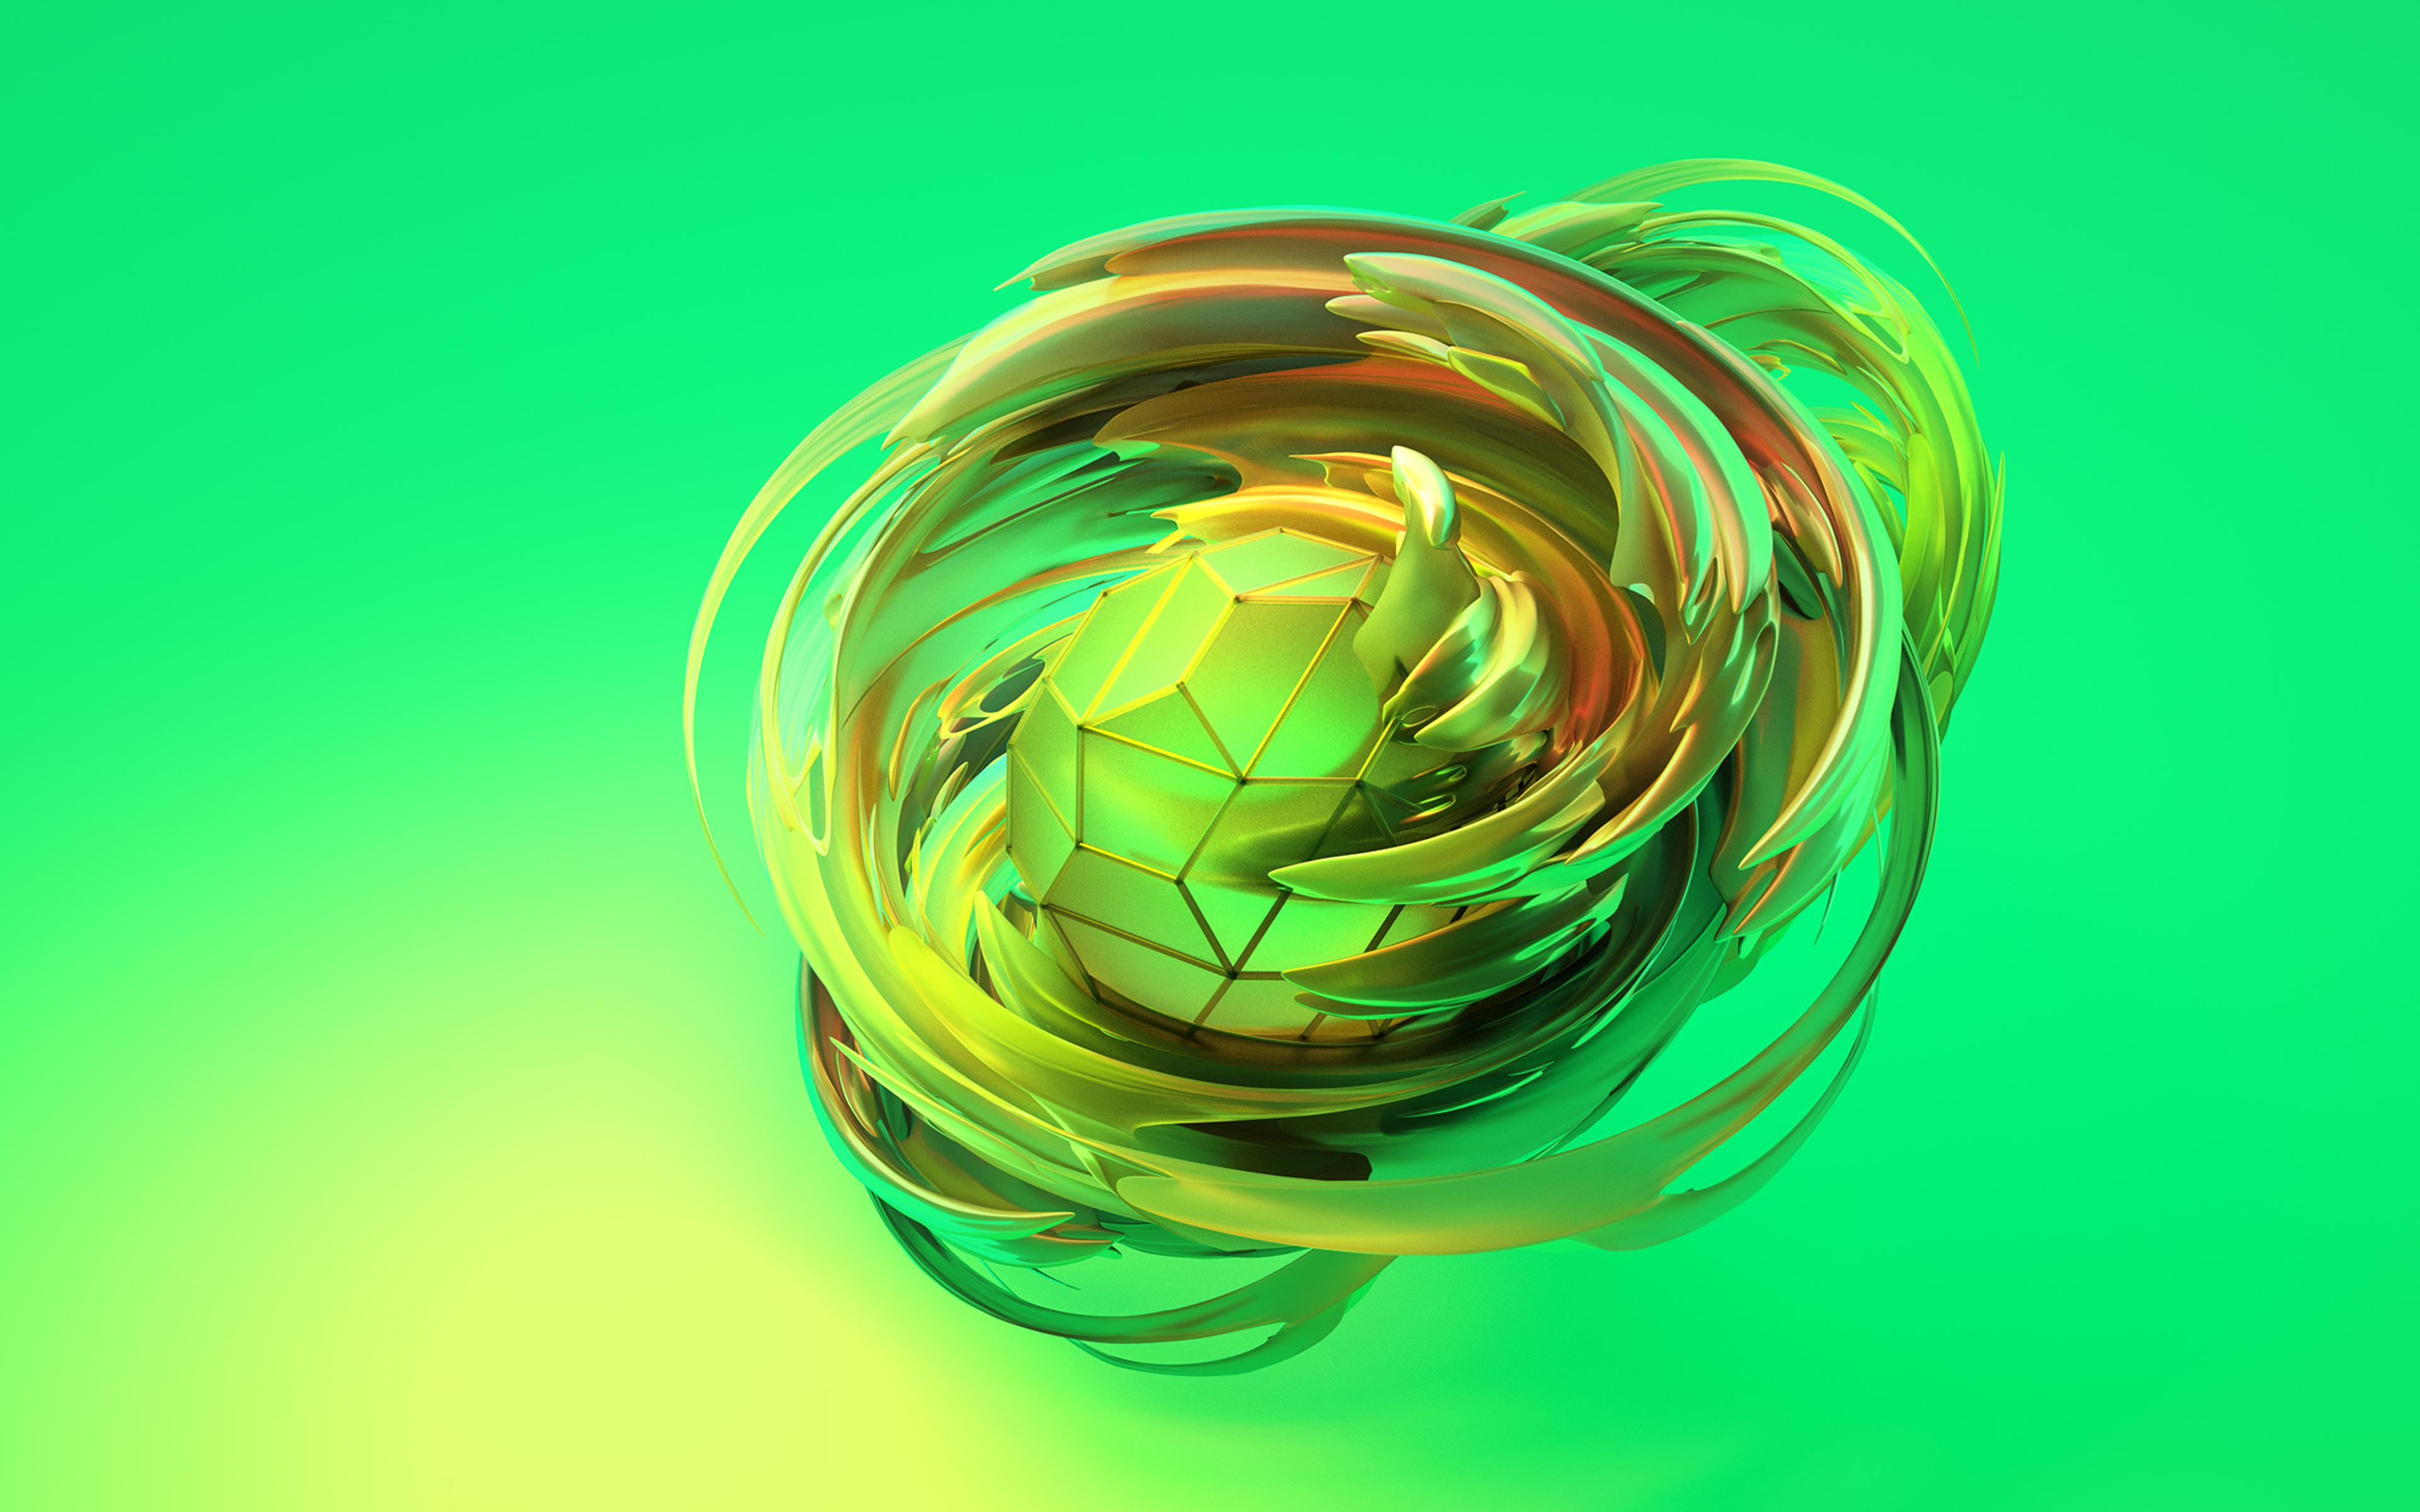 Fondos de pantalla Manzana abstracta